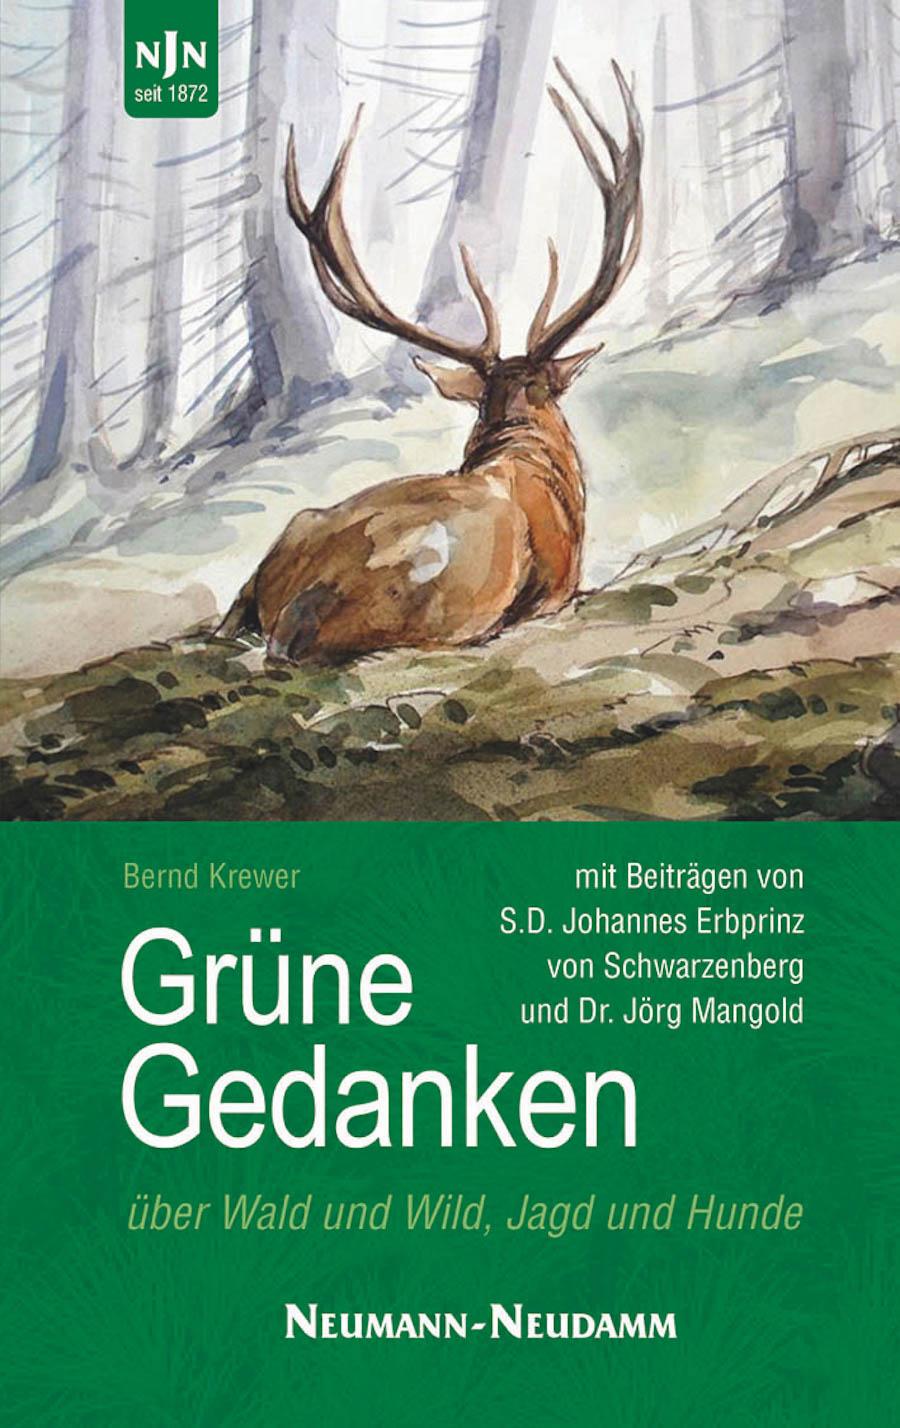 Neumann-Neudamm / Grüne Gedanken